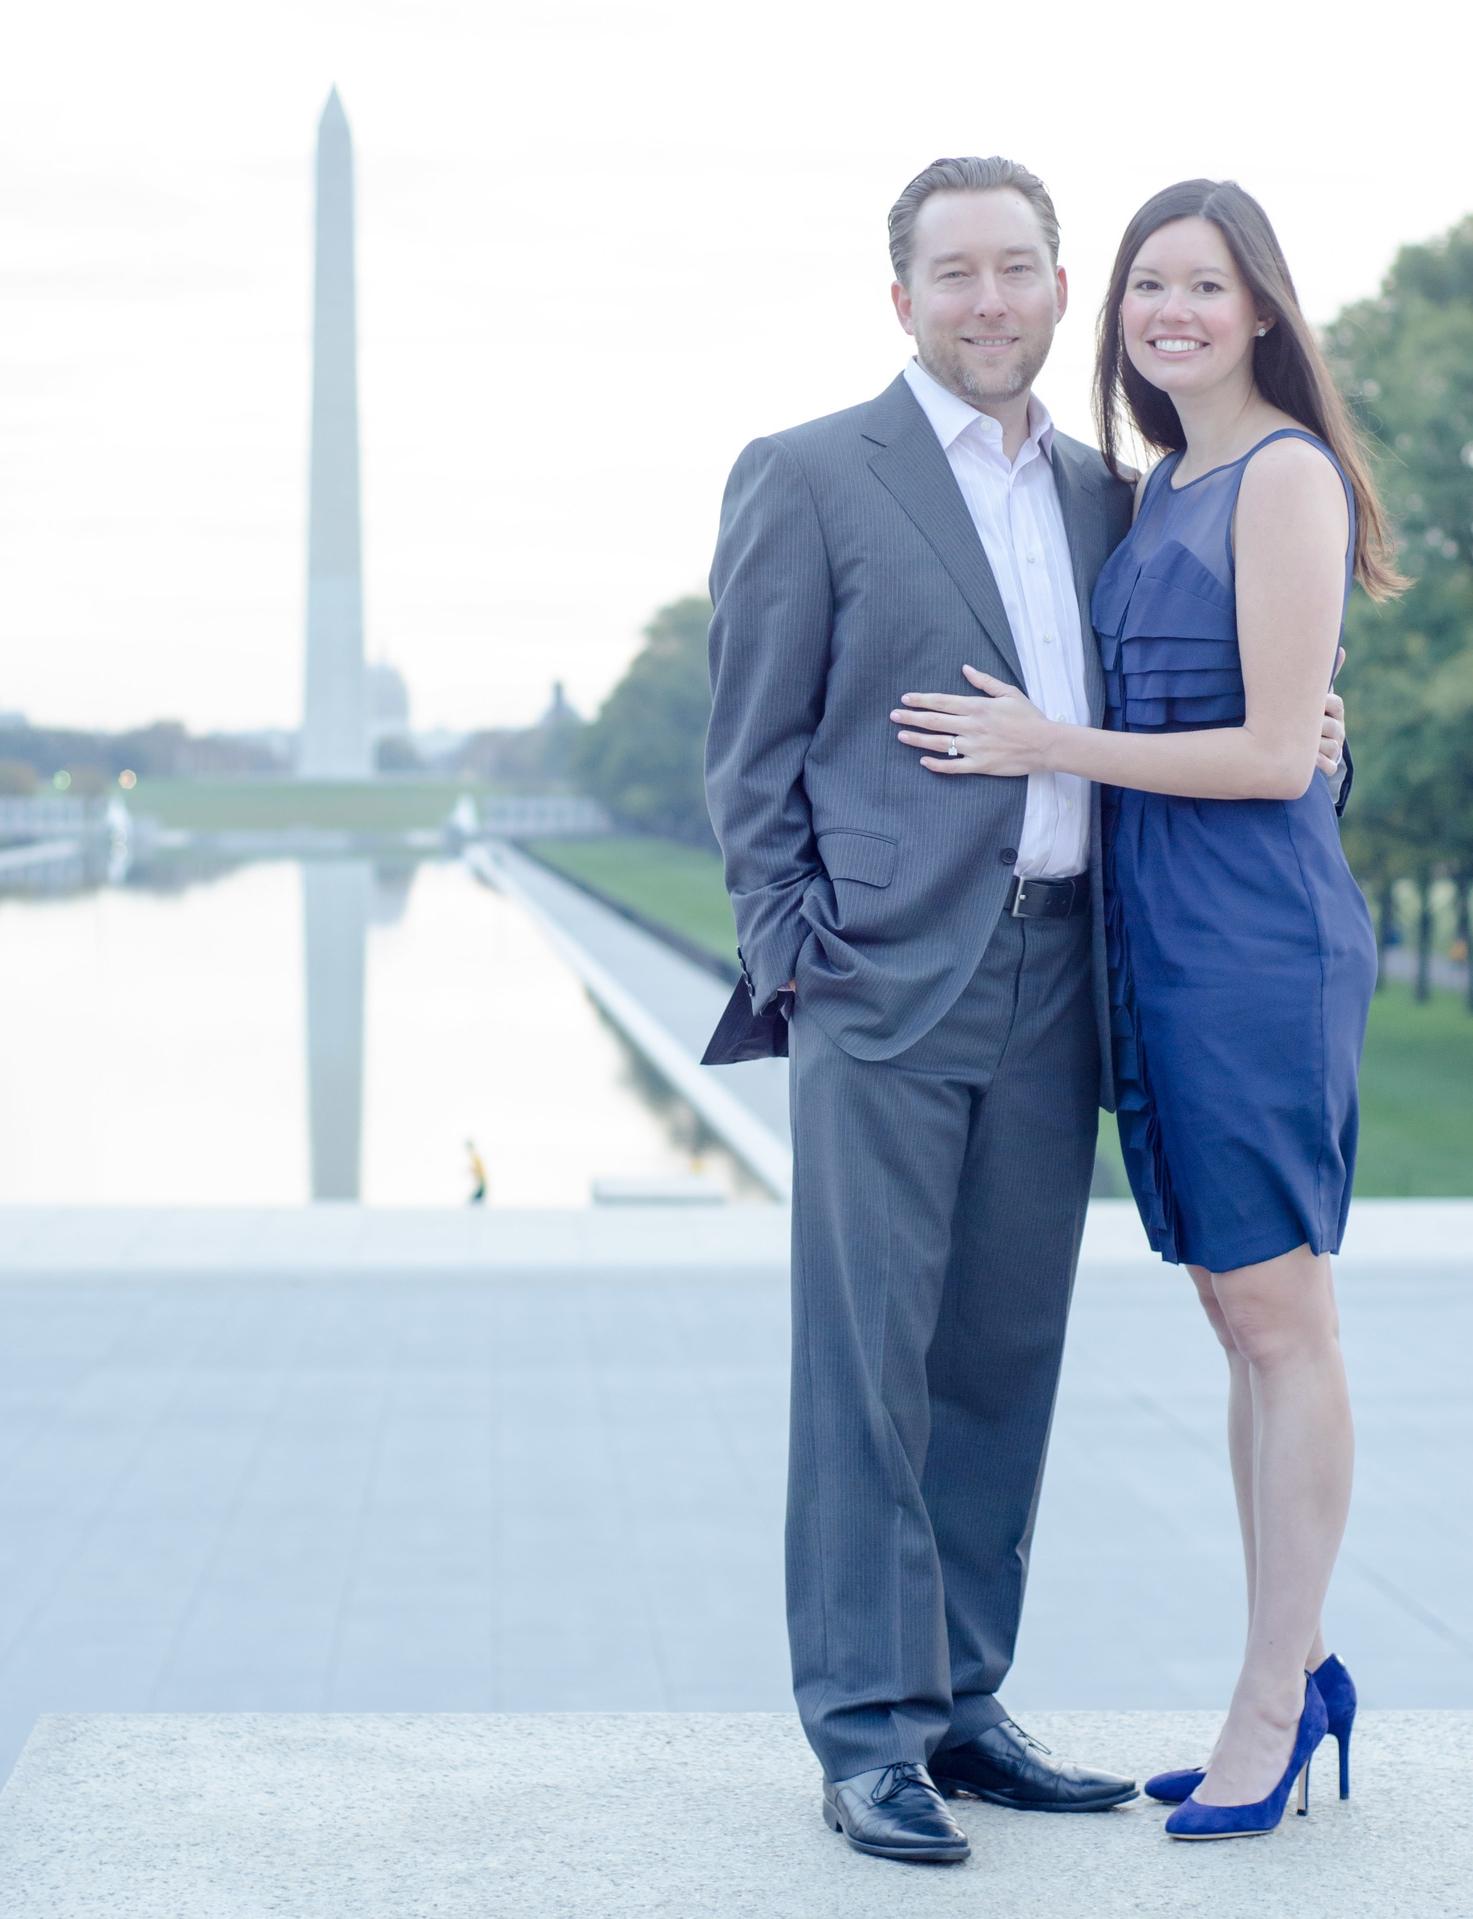 Washington Monument Engagement Shoot - NickMcKetaPhoto.com